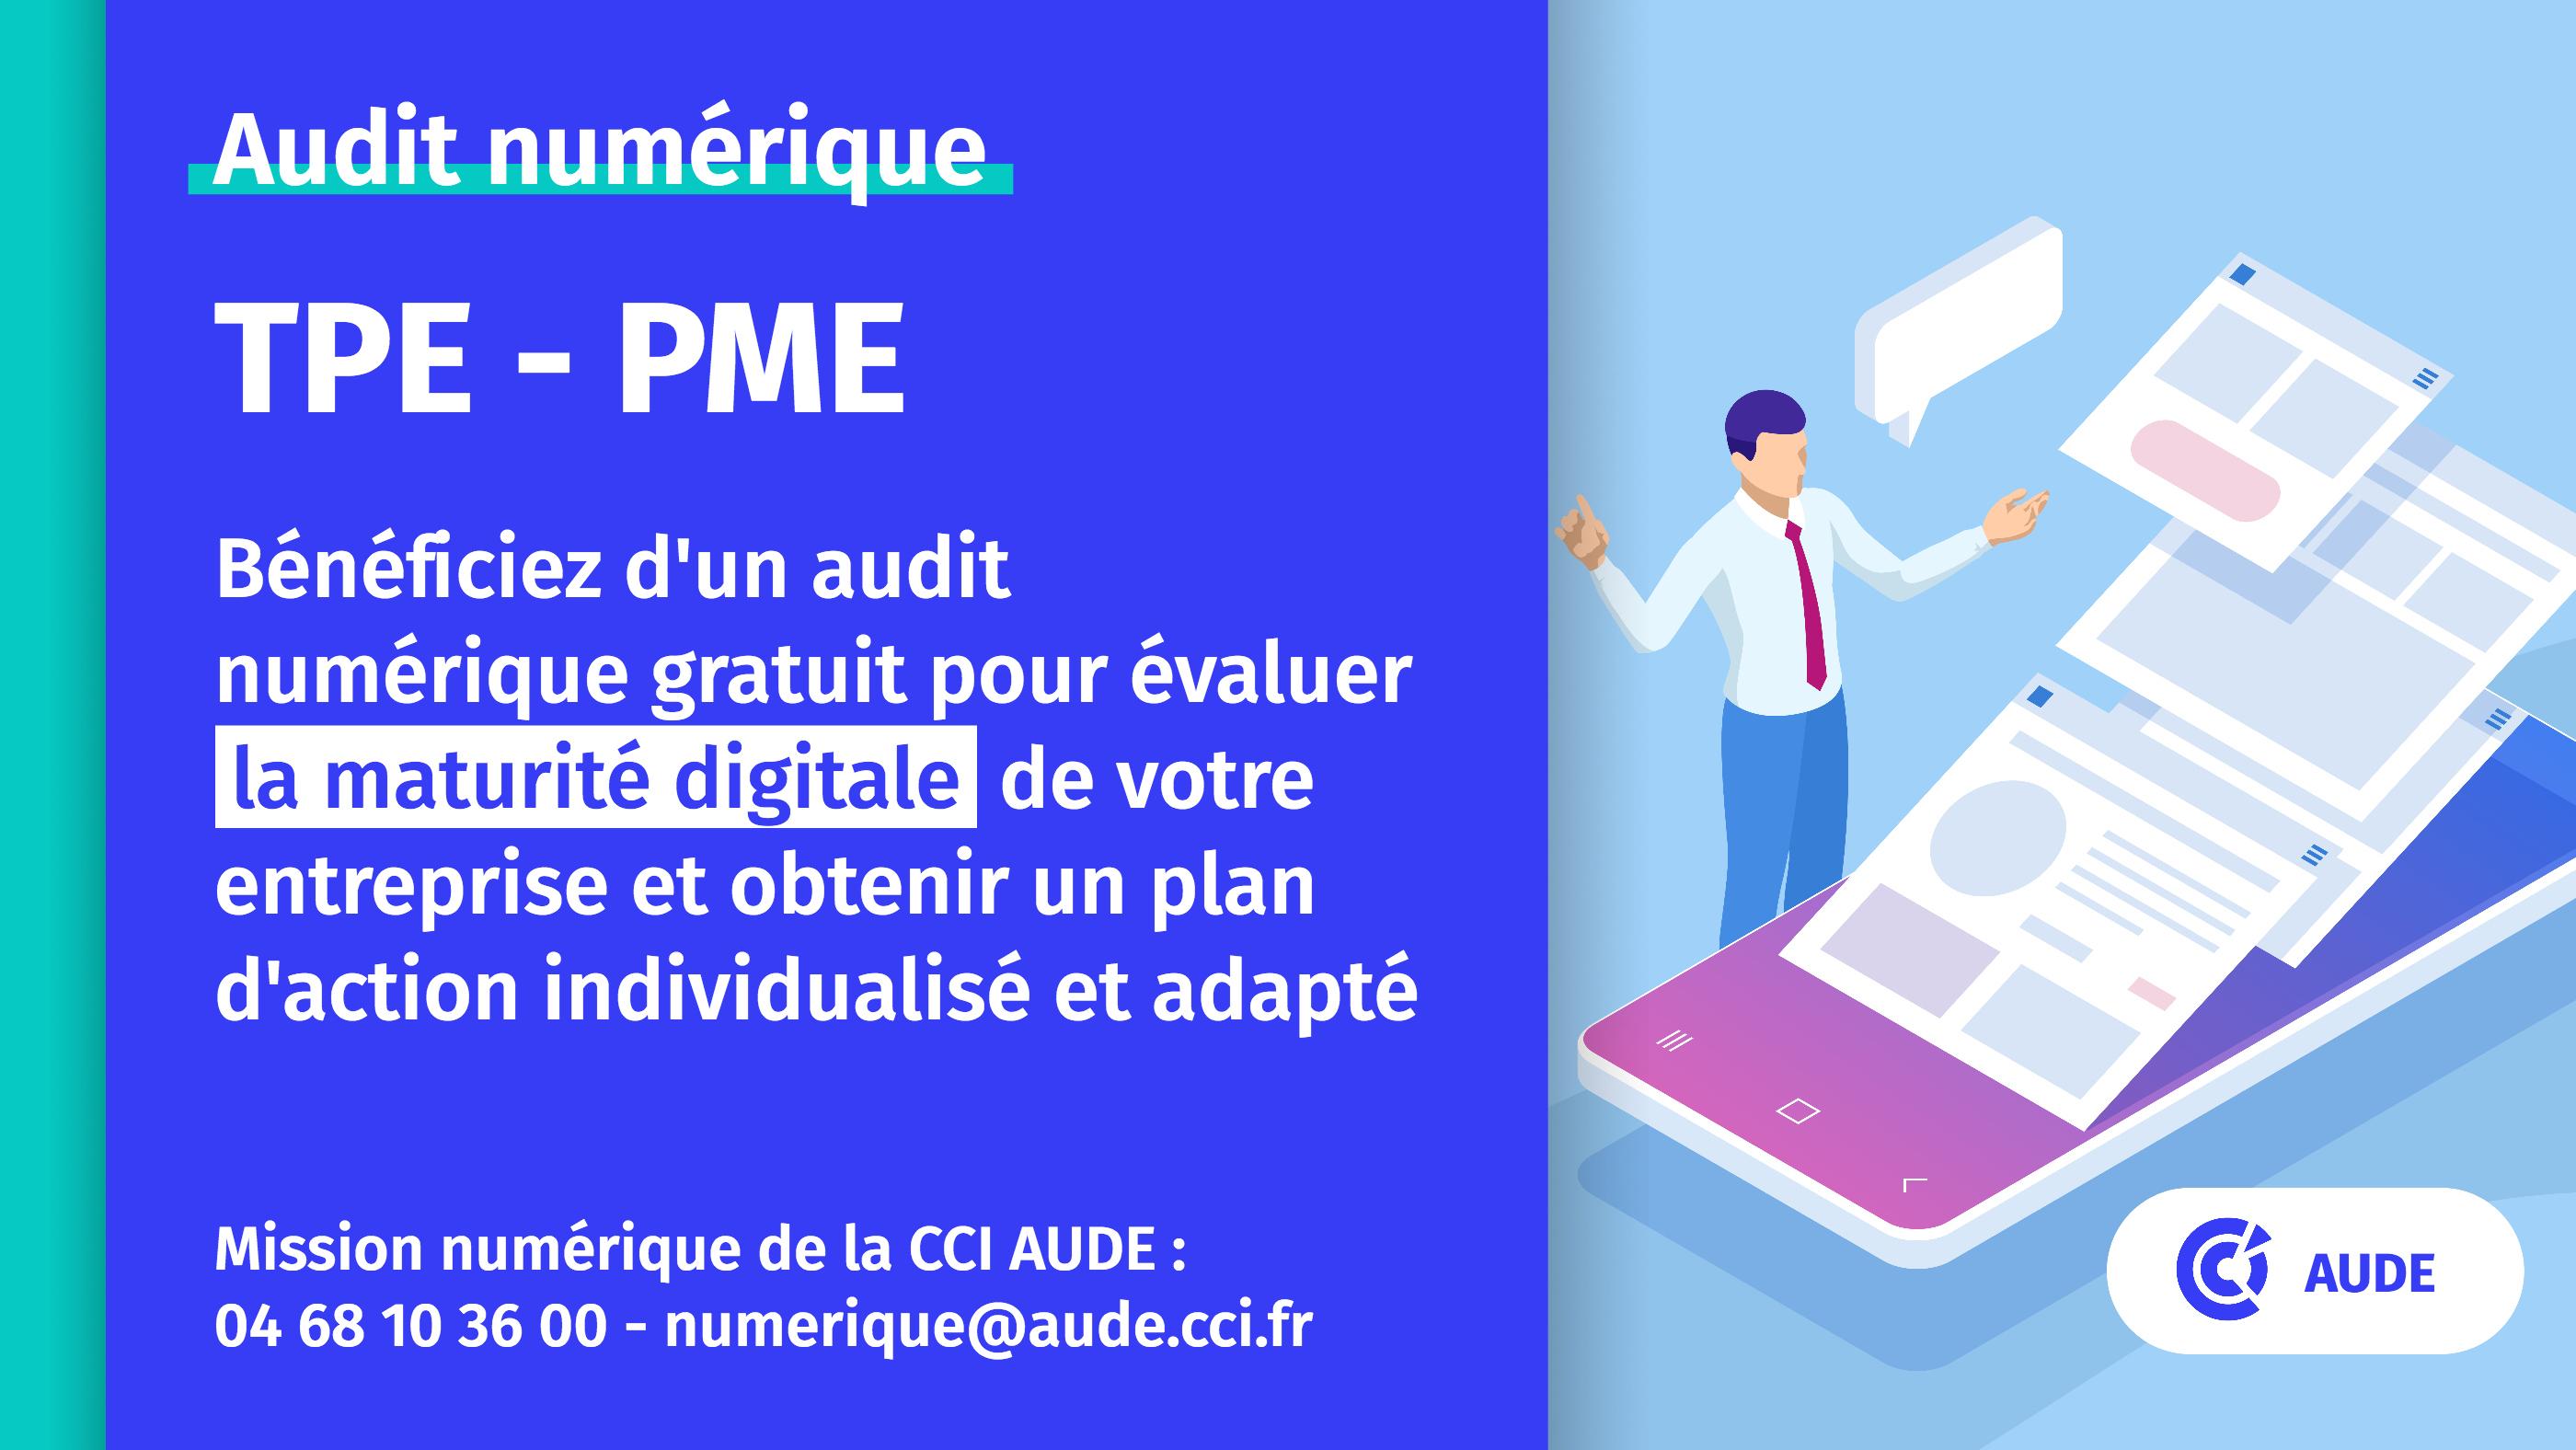 2021 Audit numerique visuel